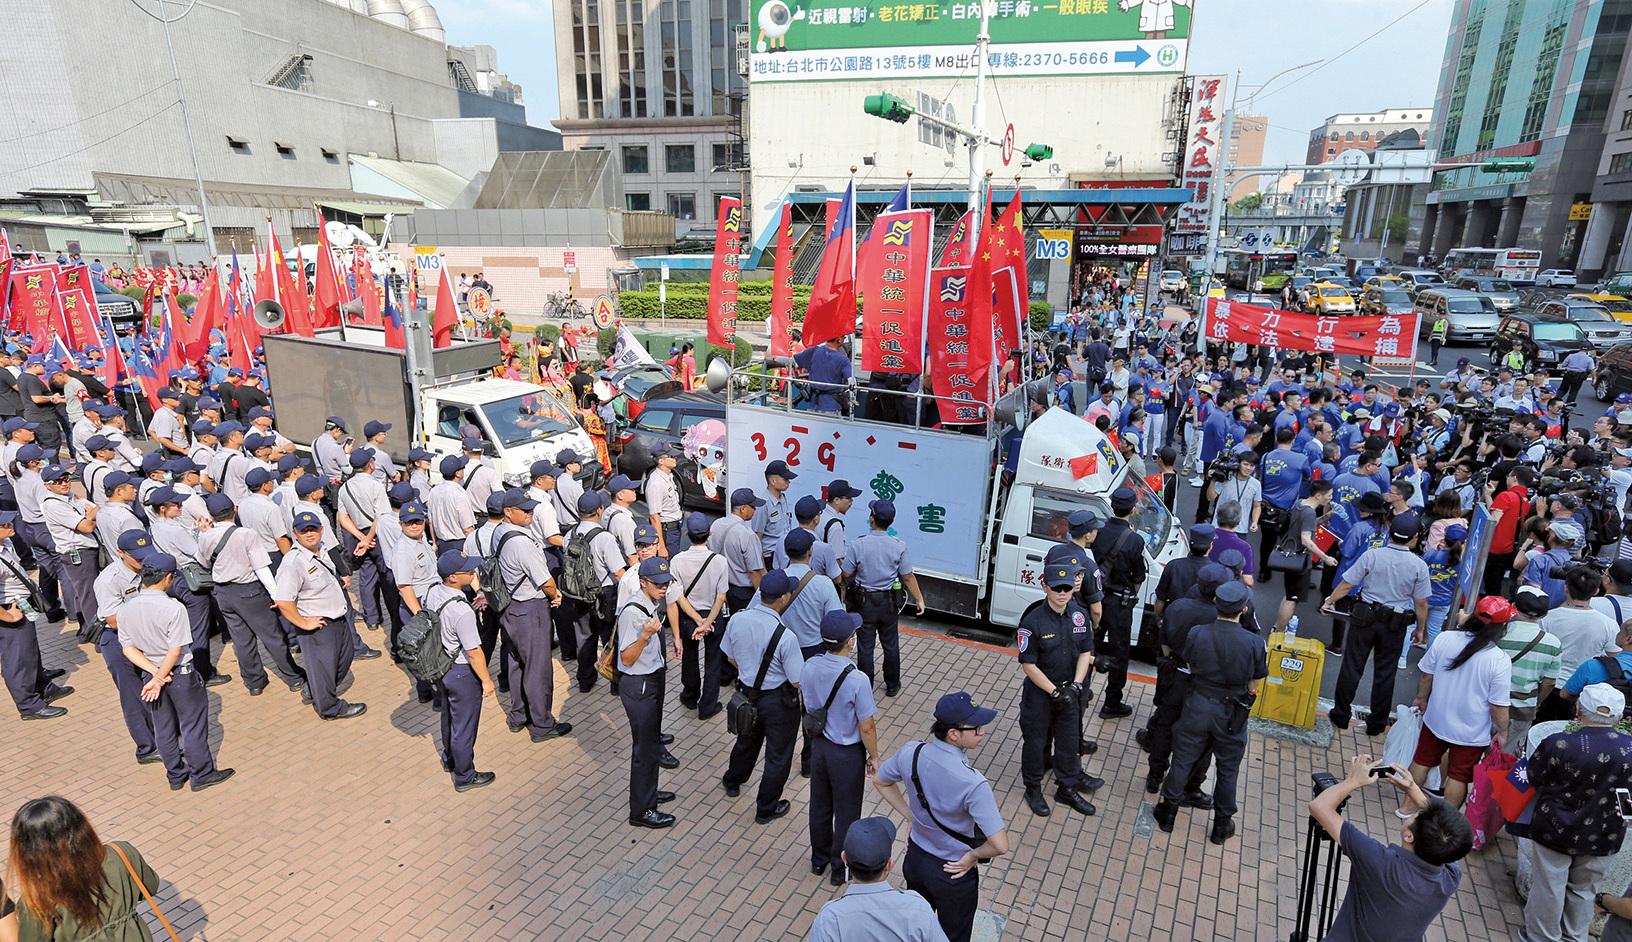 中共在台成立「 統促會」和「愛同會」不斷使用暴力蓄意挑起事端,製造社會問題,引起台灣各界的極大憤慨。( 中央社)